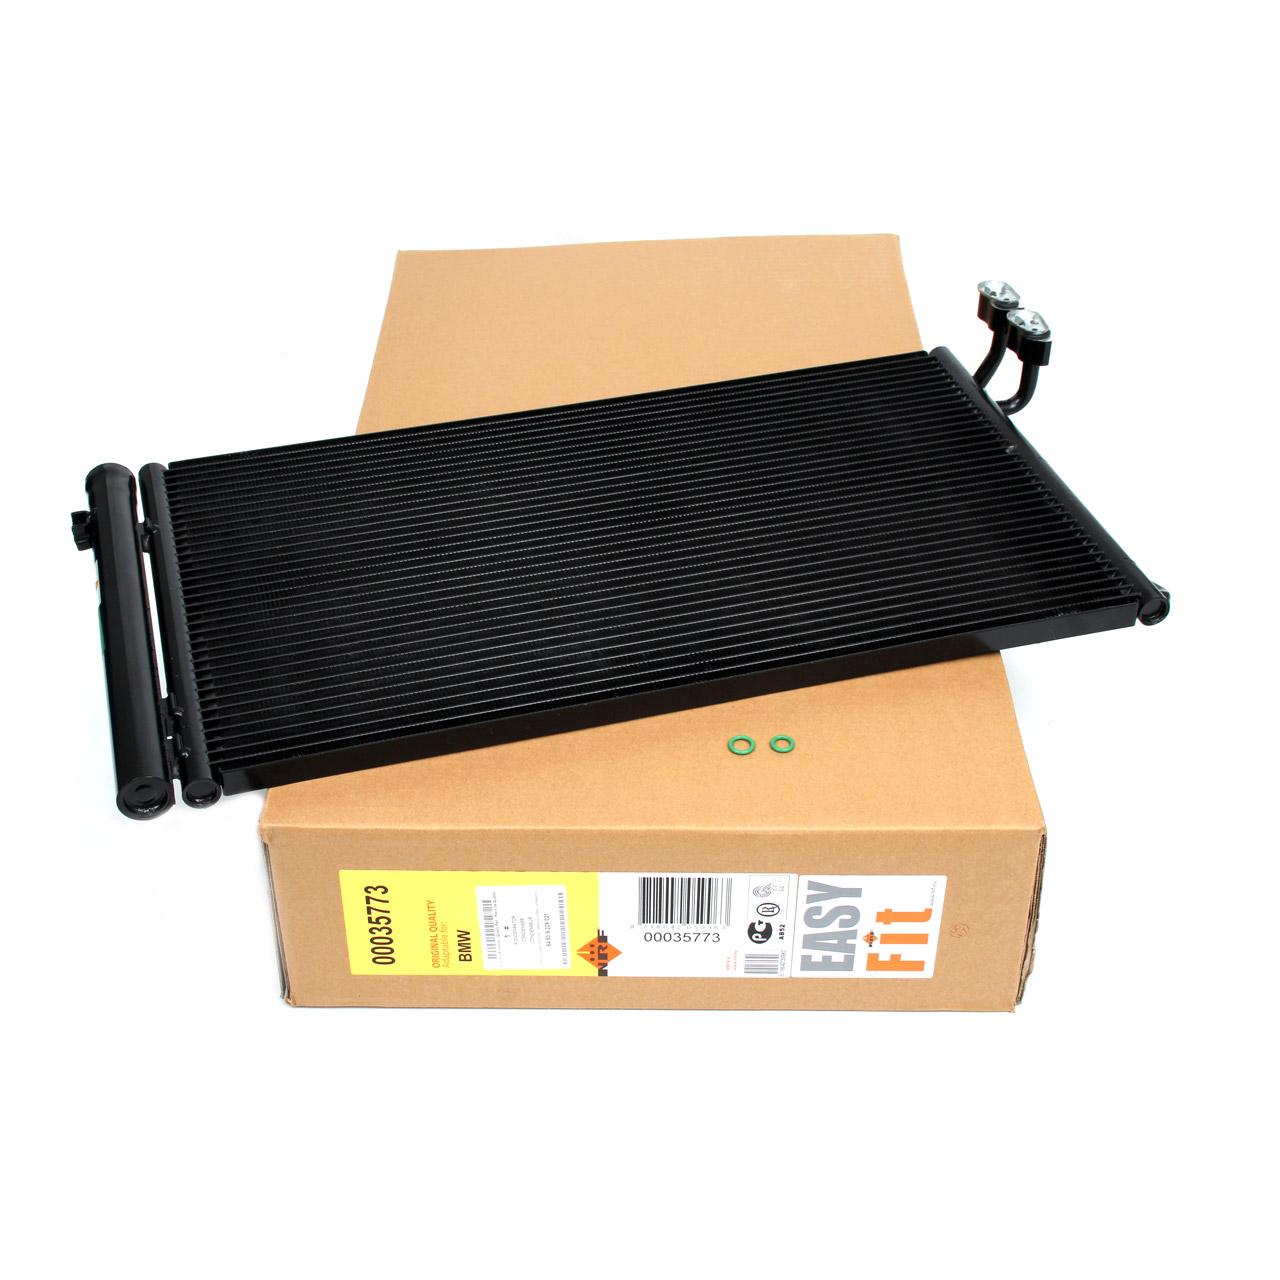 NRF 35773 Kondensator EASY FIT BMW 1er E81 E87 3er E90 E91 E92 X1 E84 Z4 E89 64509169789